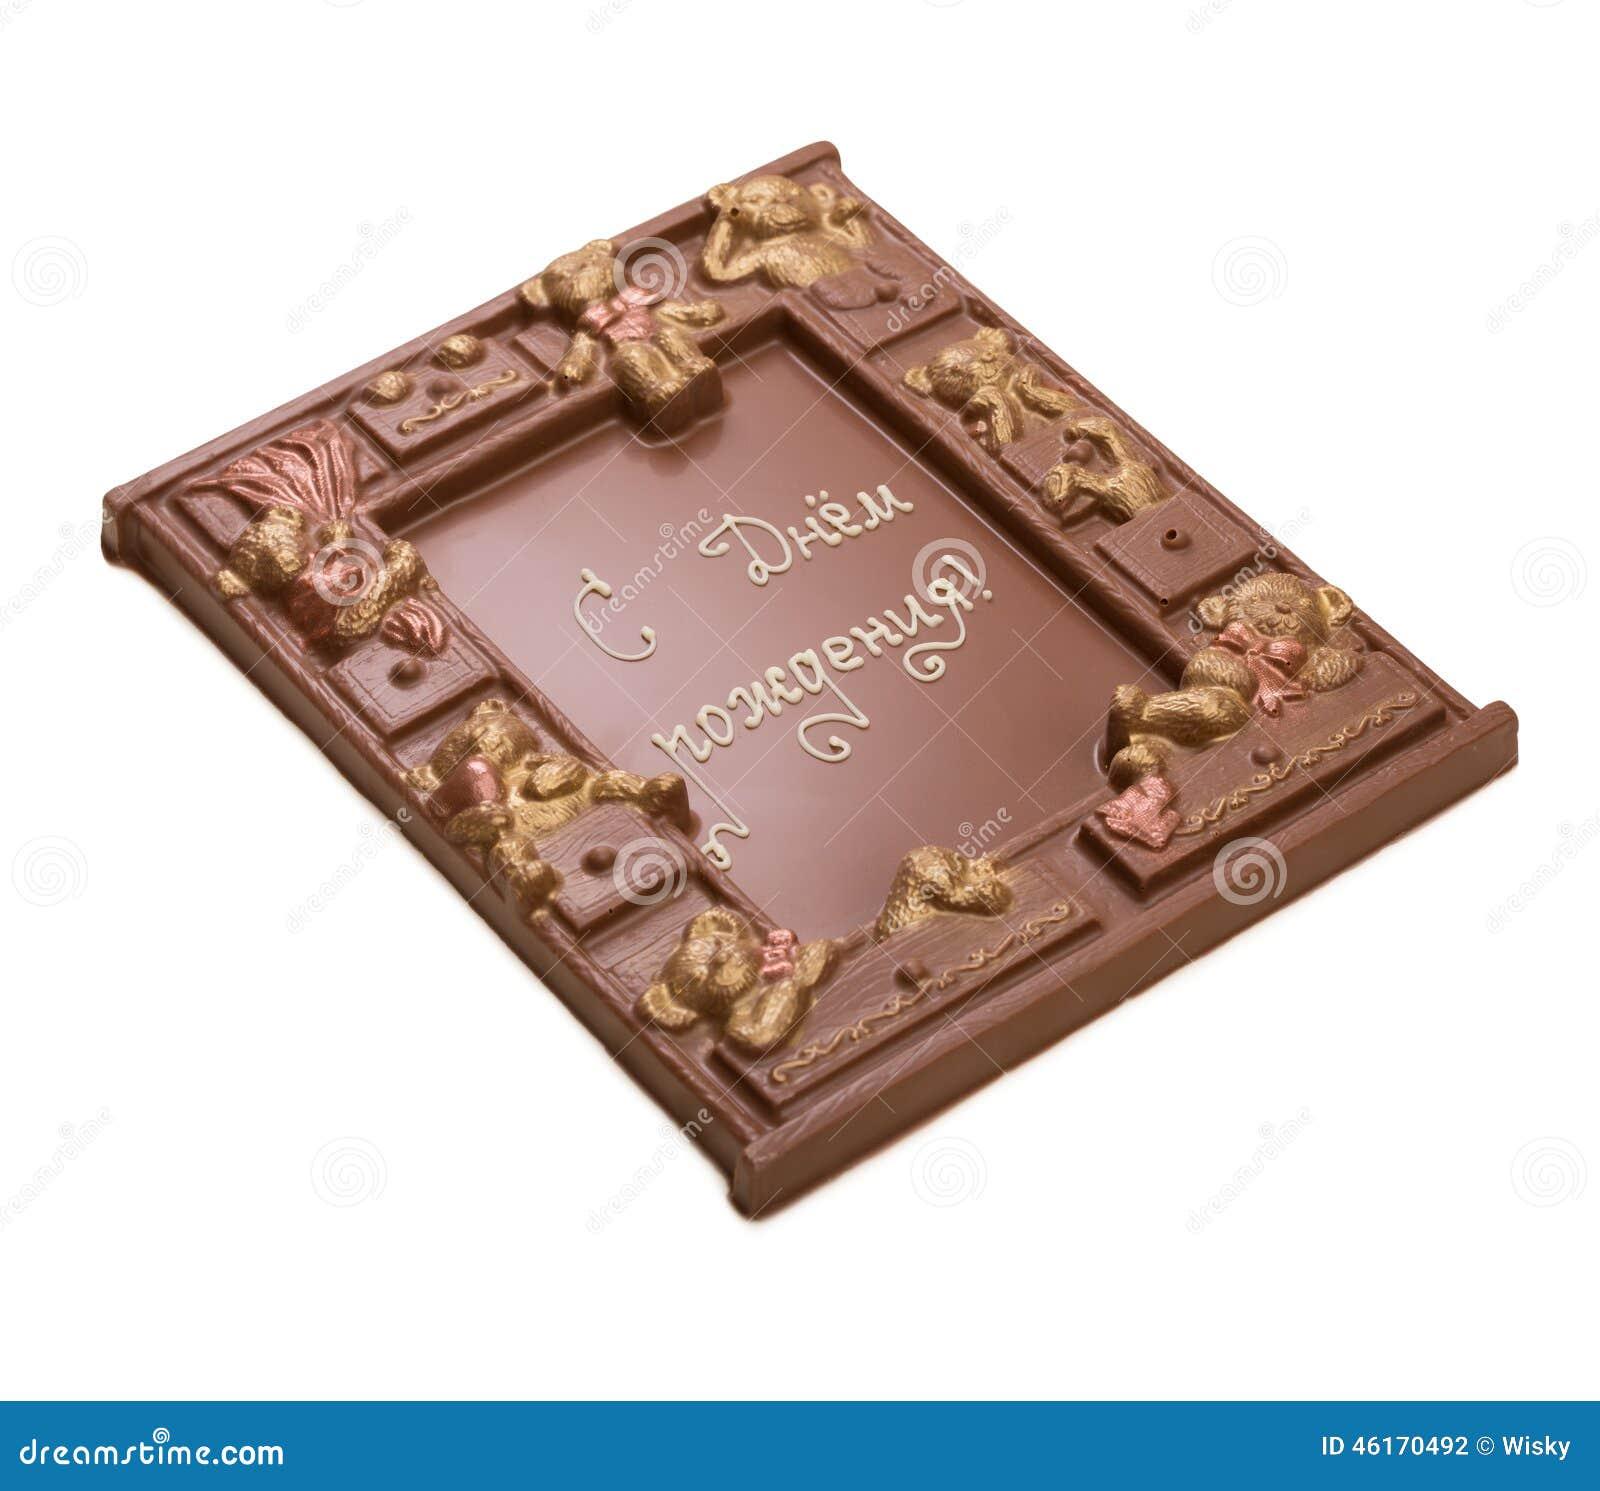 Schokolade Mit Worter Alles Gute Zum Geburtstag Auf Russisch